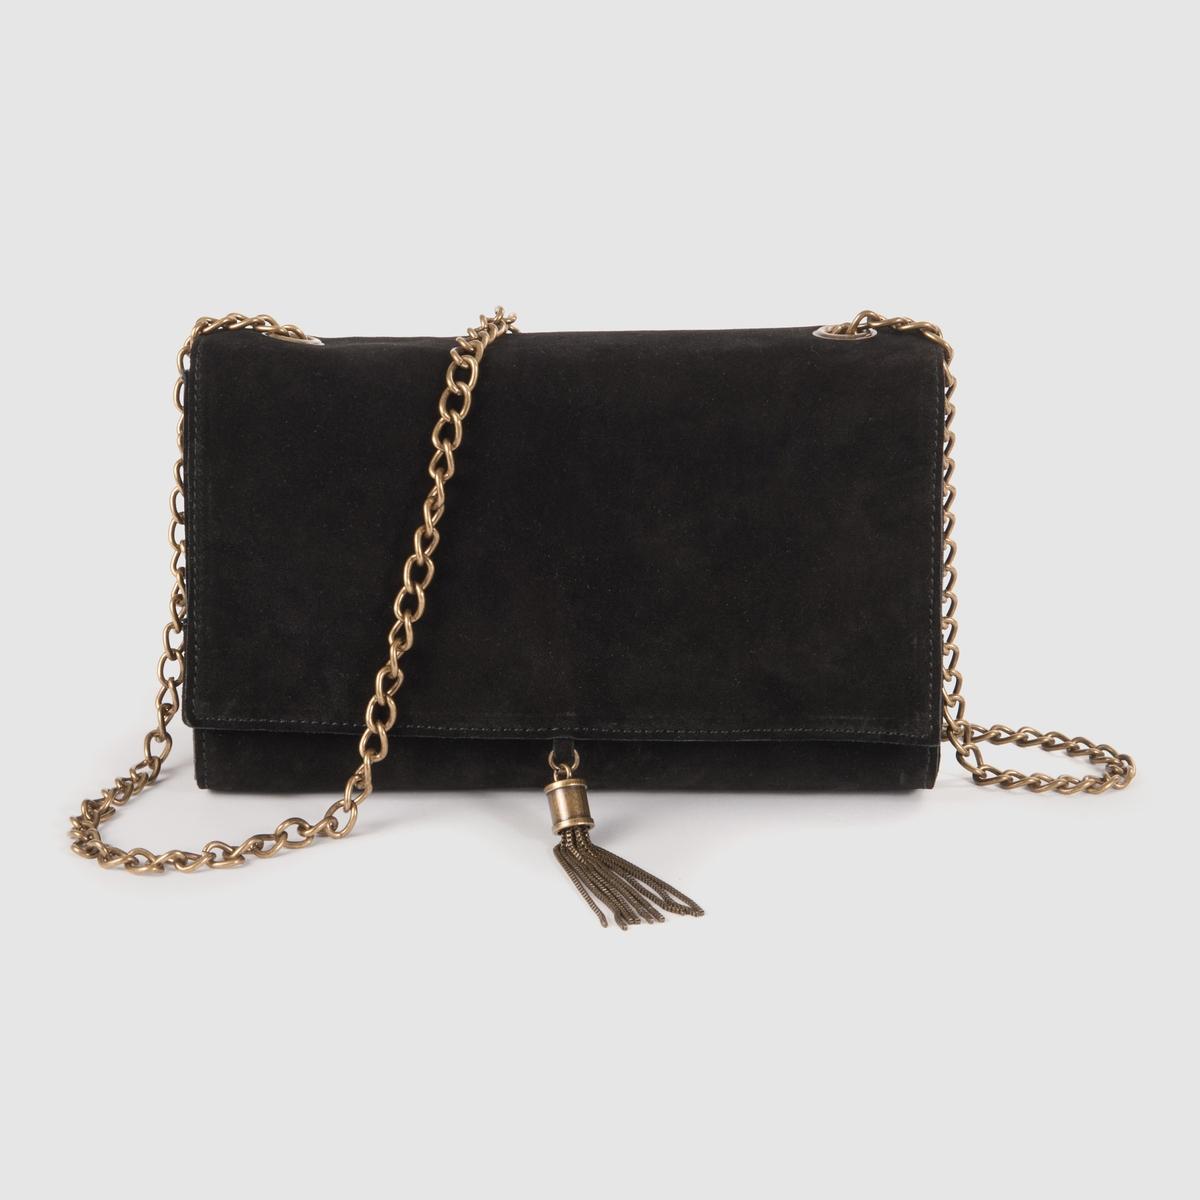 СумкаВнутренние карманы : 2 кармана, изних 1 карман для сотового телефона + 1 карман на молнии.Плечевой ремень : металлическая цепь с люверсами.Детали : оригинальный металлический помпон спереди.Преимущества : всем понравится ее модный дизайн и небольшой формат.<br><br>Цвет: каштановый,черный<br>Размер: единый размер